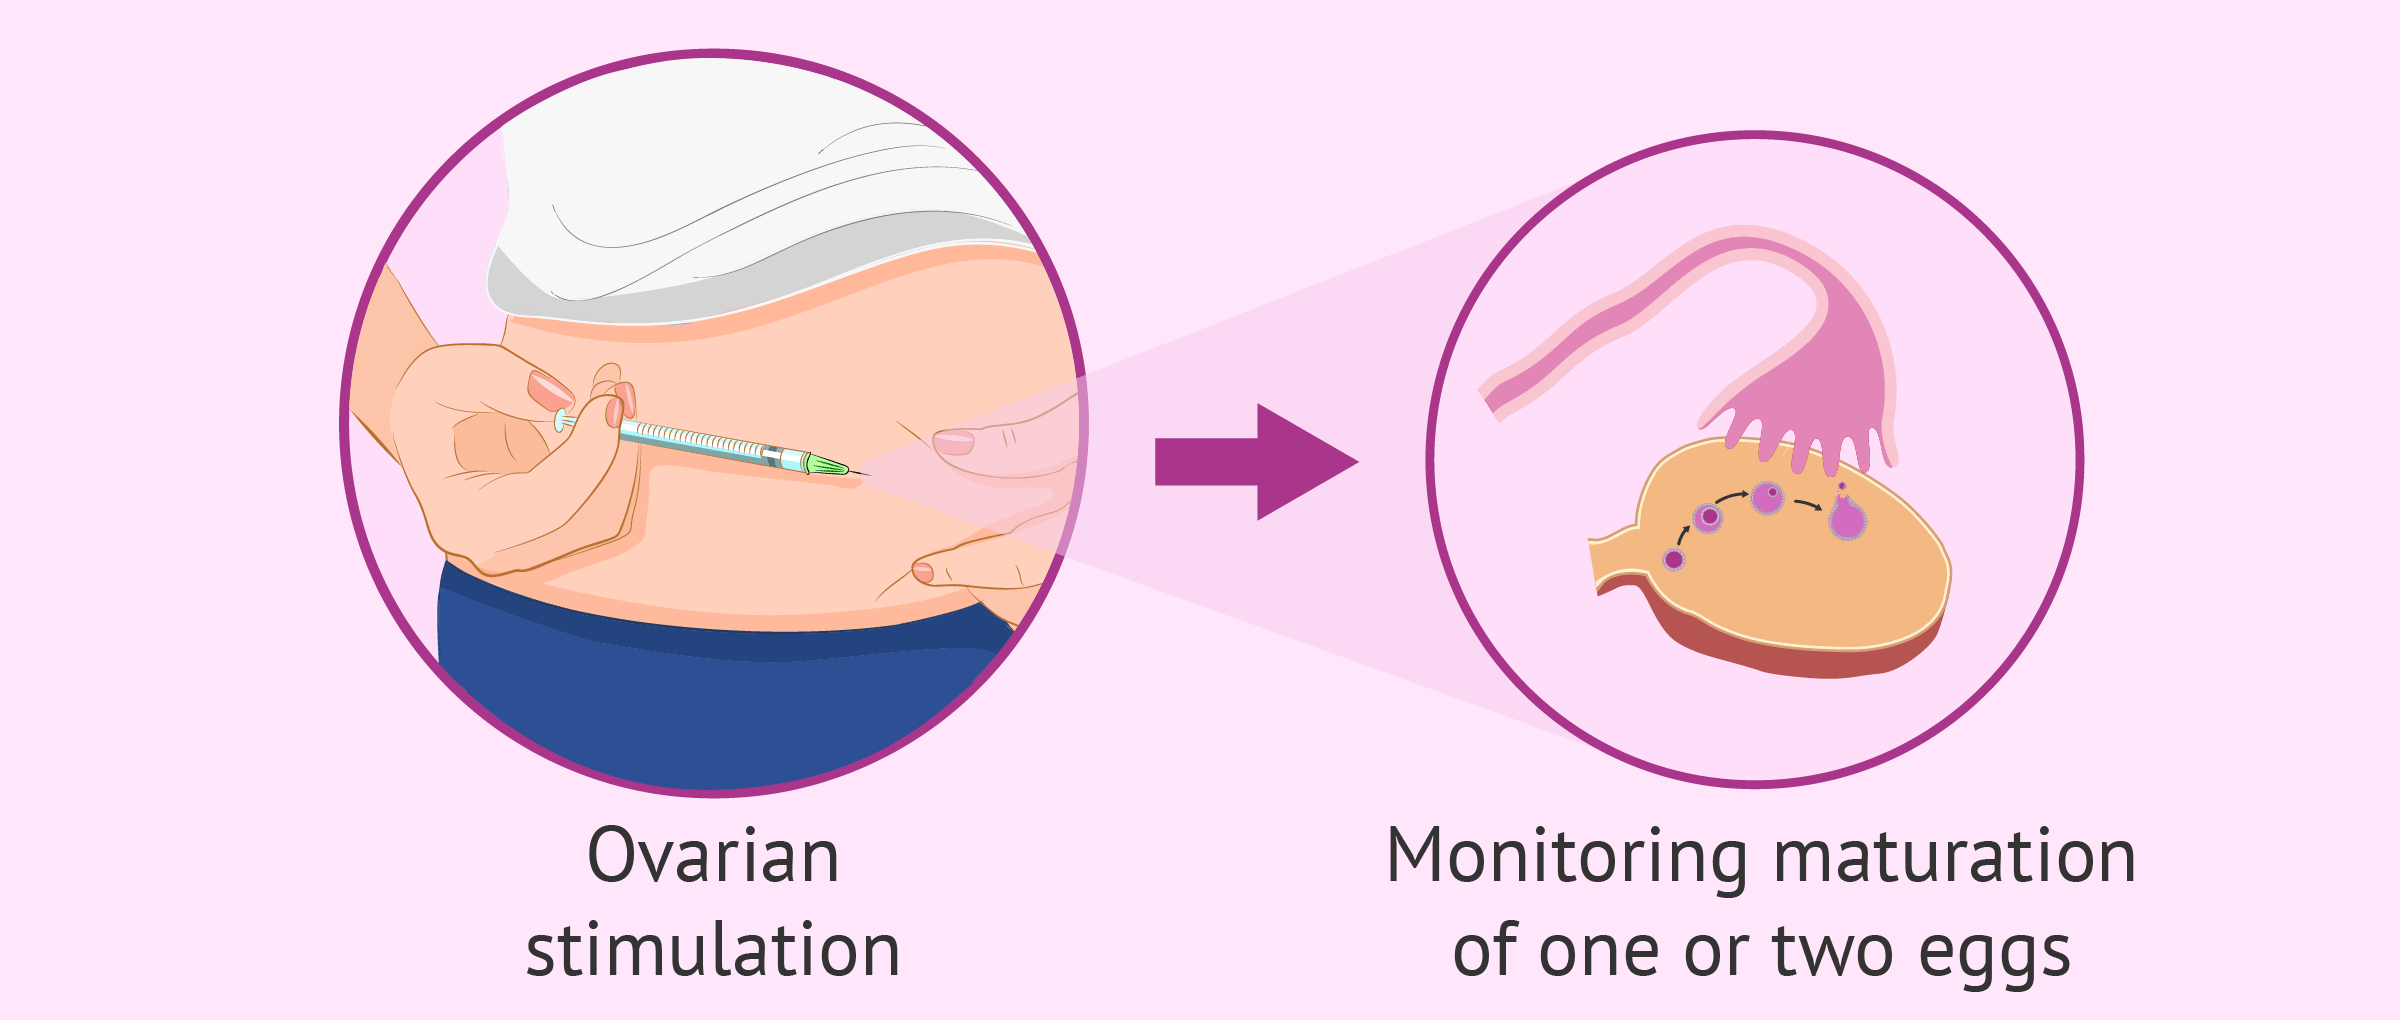 Ovarian stimulation to monitor egg maturation process